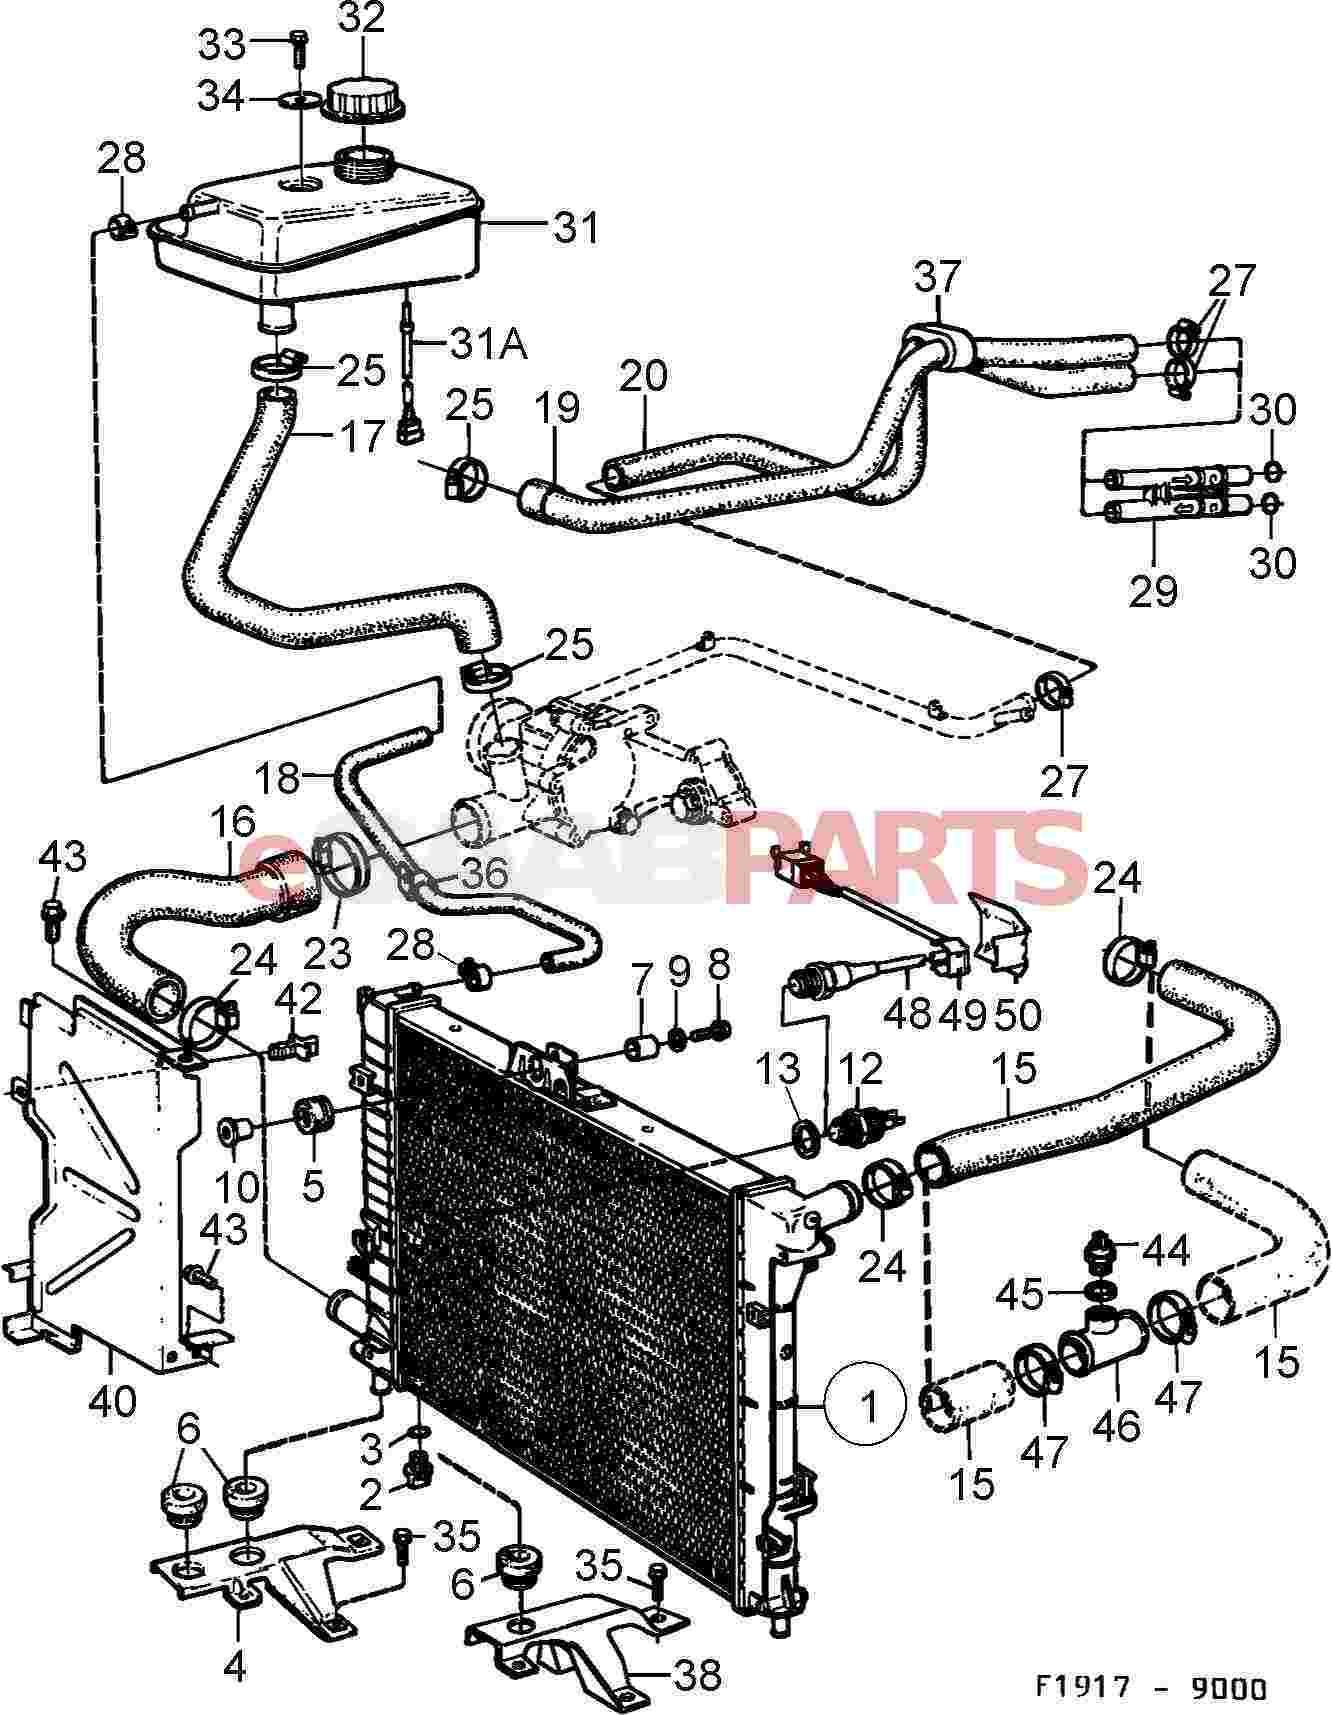 Diagram image 8